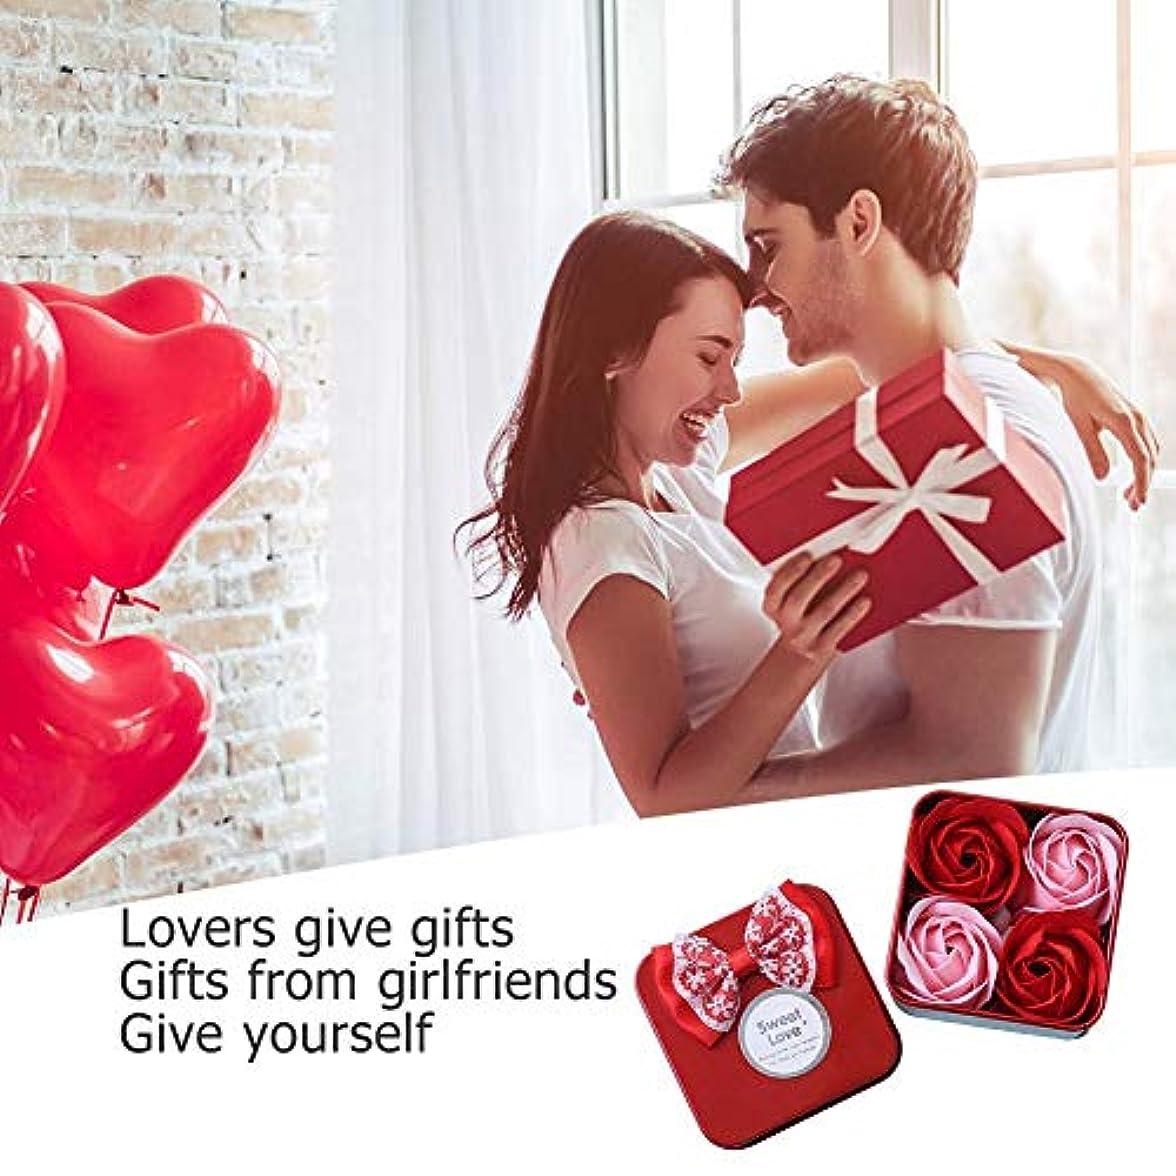 メンダシティインセンティブ見通しローズフラワー石鹸 香料入り 風呂 花びら石鹸 香り石鹸 バレンタインデーギフト 4個/ボックス 手作り 母の日 誕生日プレゼント 贈り物 お祝い Amiu